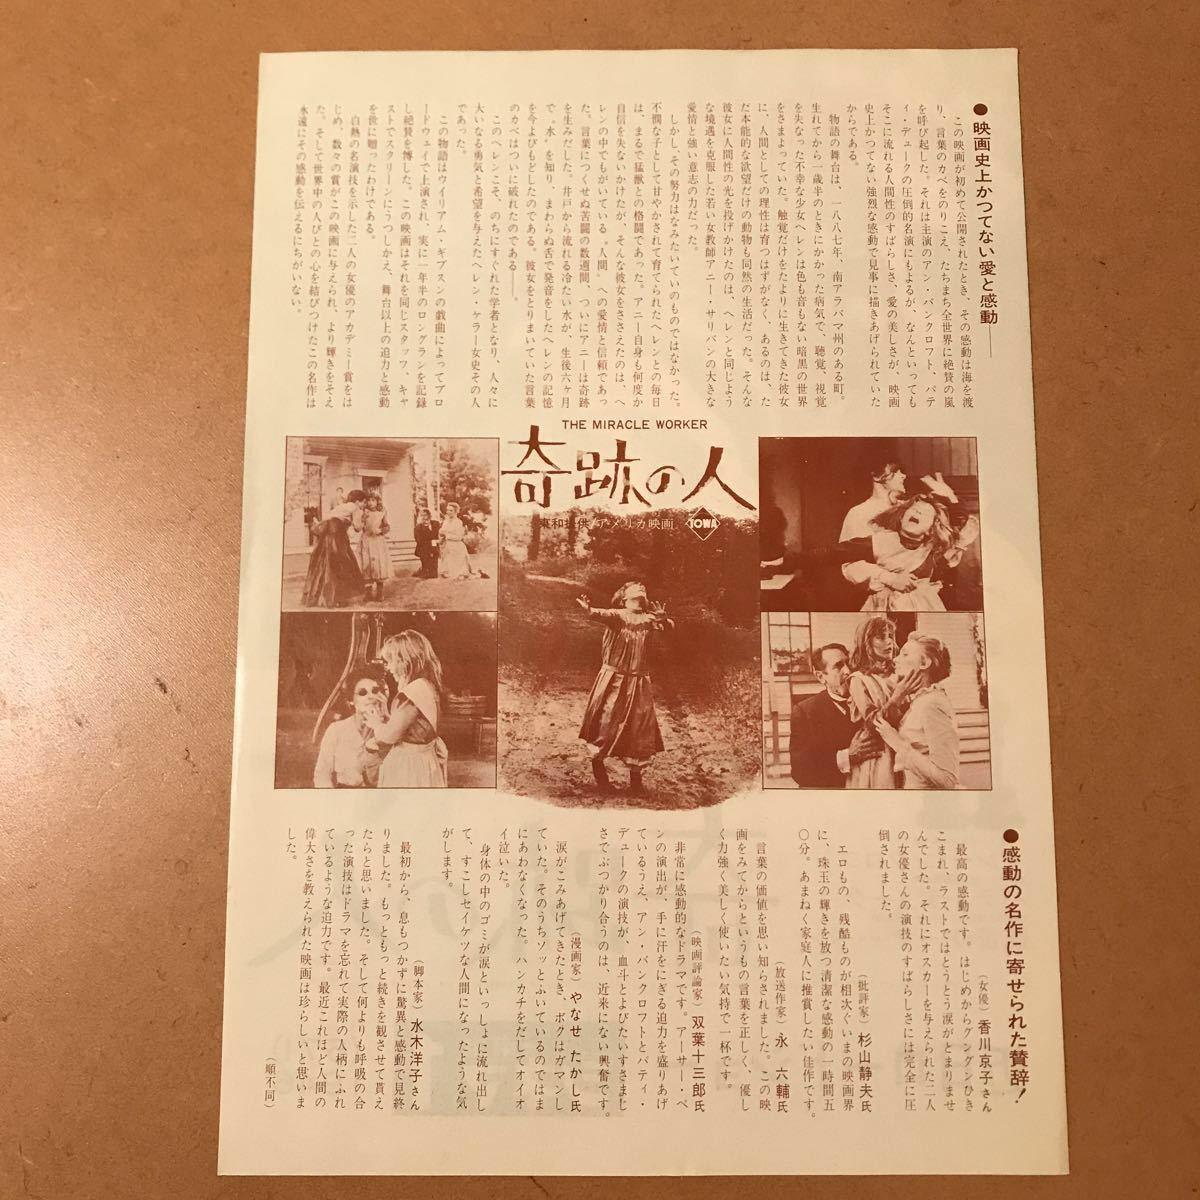 【希少/映画チラシ】『奇跡の人』1963年初公開作品 リバイバル上映時チラシ 通常カラーチラシ&2枚折り四角チラシ 2枚セット _画像9